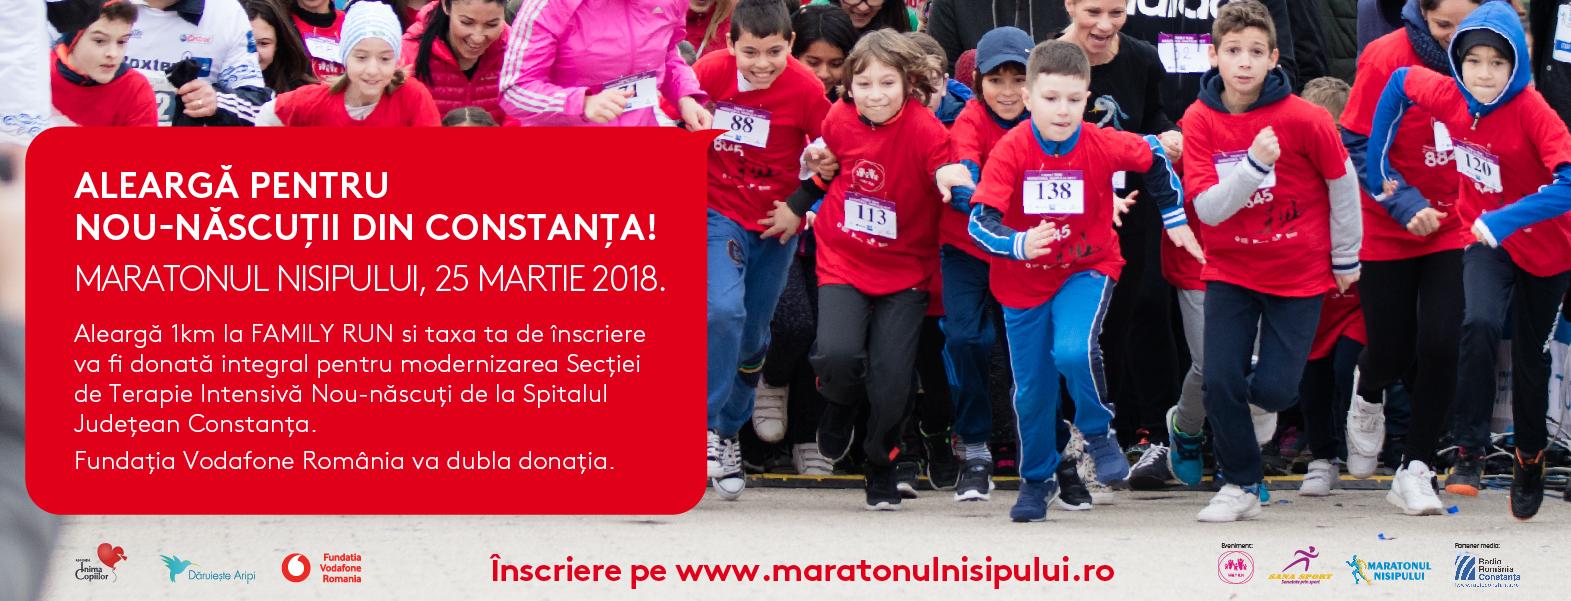 Maratonul Nisipului pentru nou-nascutii din Constanta